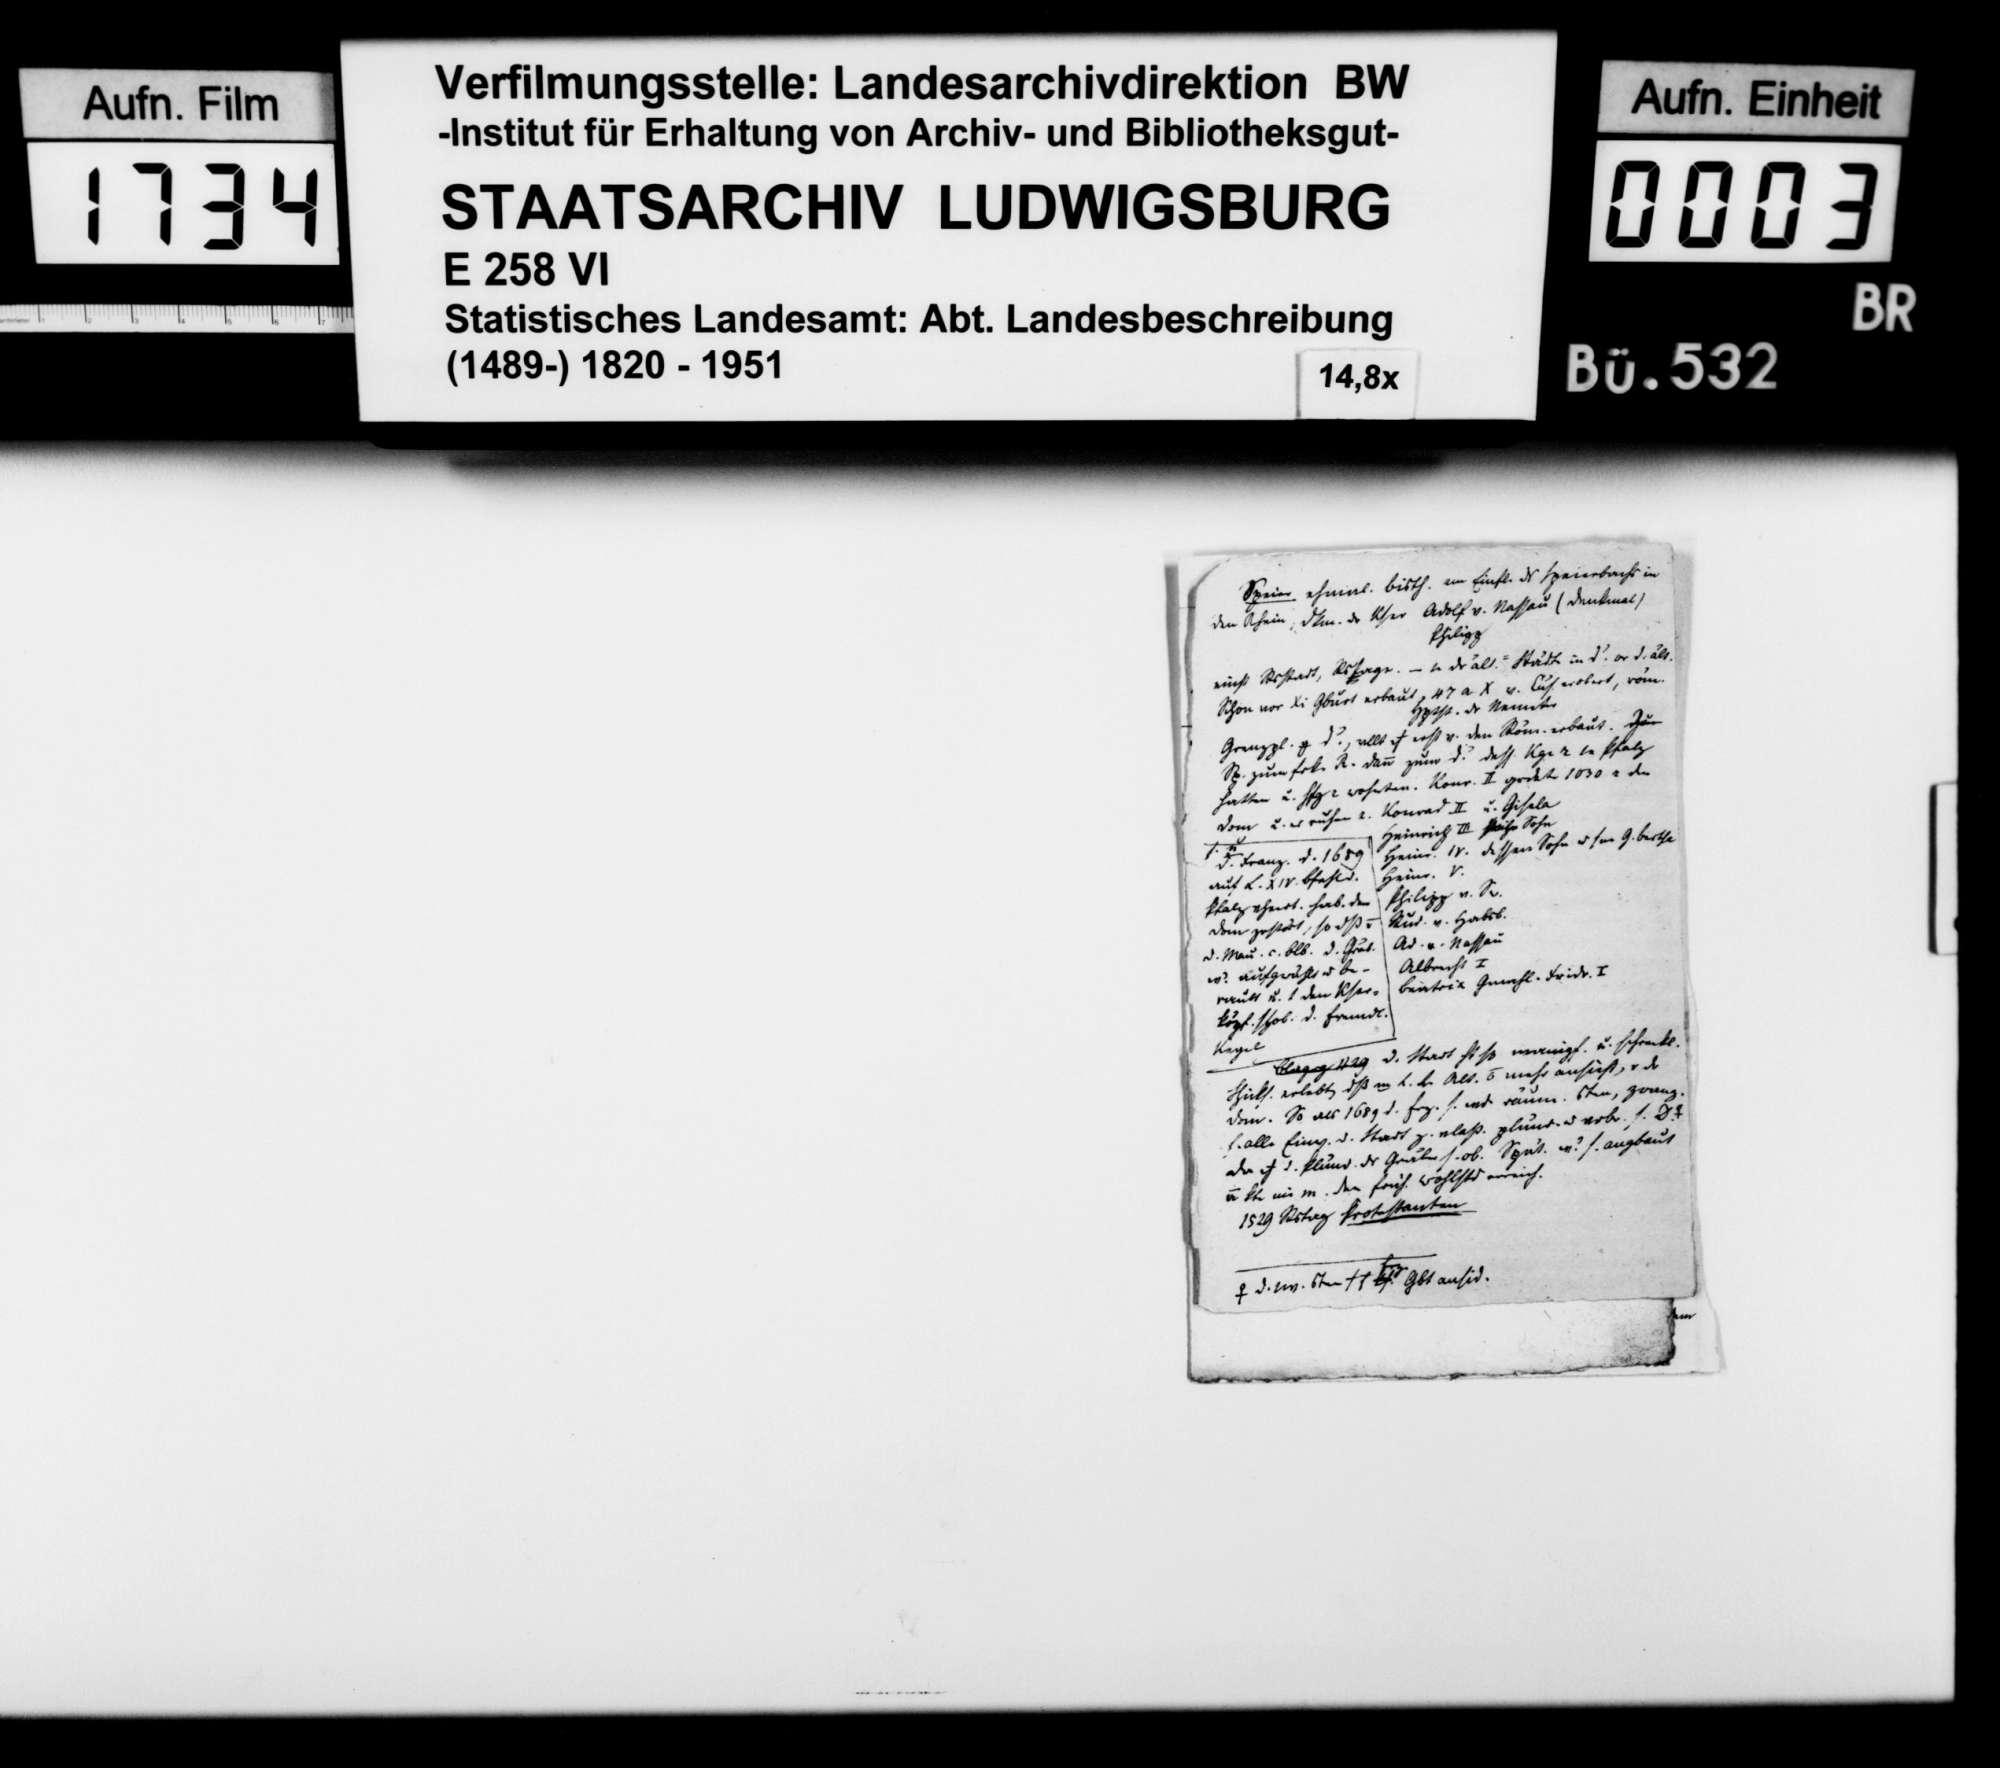 Notizen, Bemerkungen, Zeitungsmanuskripte verschiedener Autoren zur württembergischen Landesbeschreibung und -geschichte, Bild 1